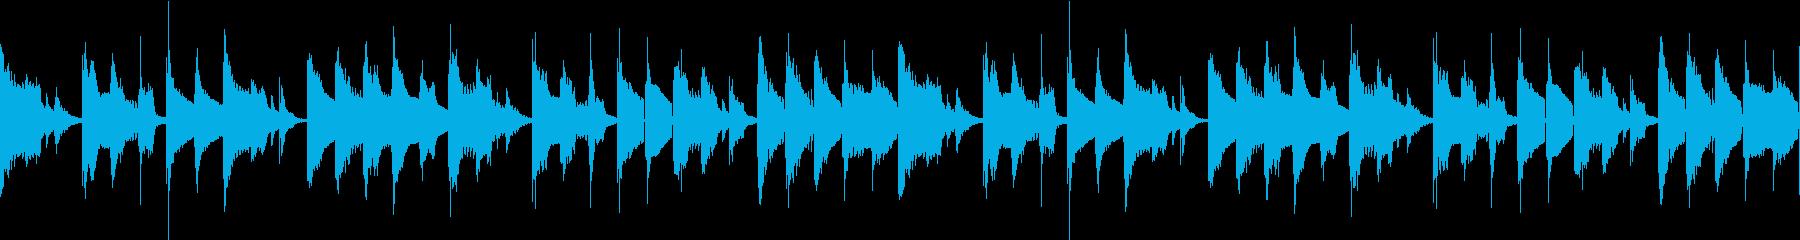 ノロノロな雰囲気のBGM ループ仕様#1の再生済みの波形